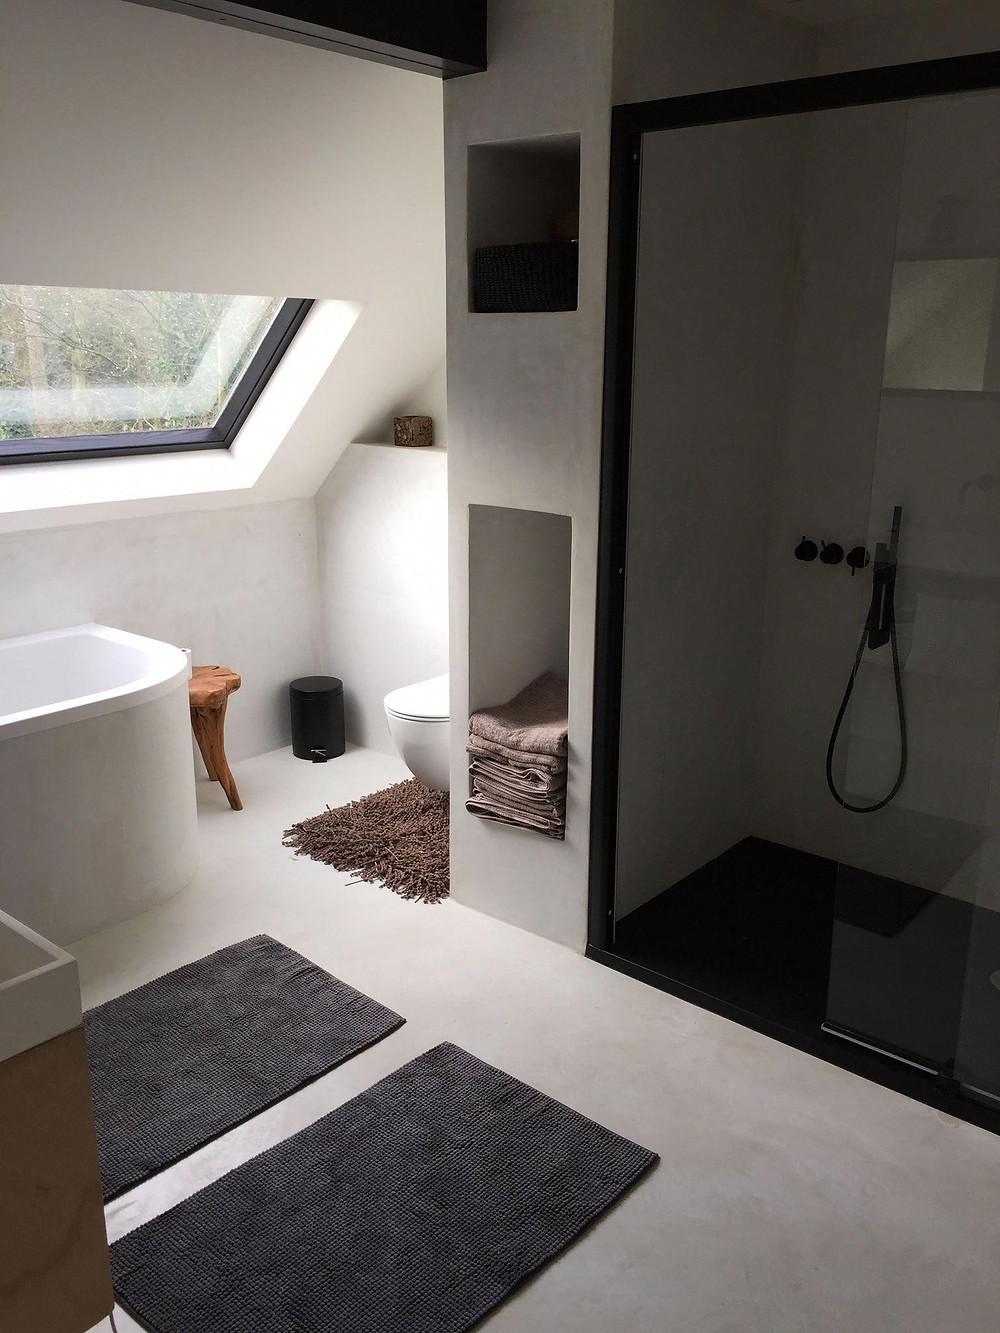 Schuine wanden, nisjes en zwart staal in deze prachtige Scandinavische badkamer inspiratie